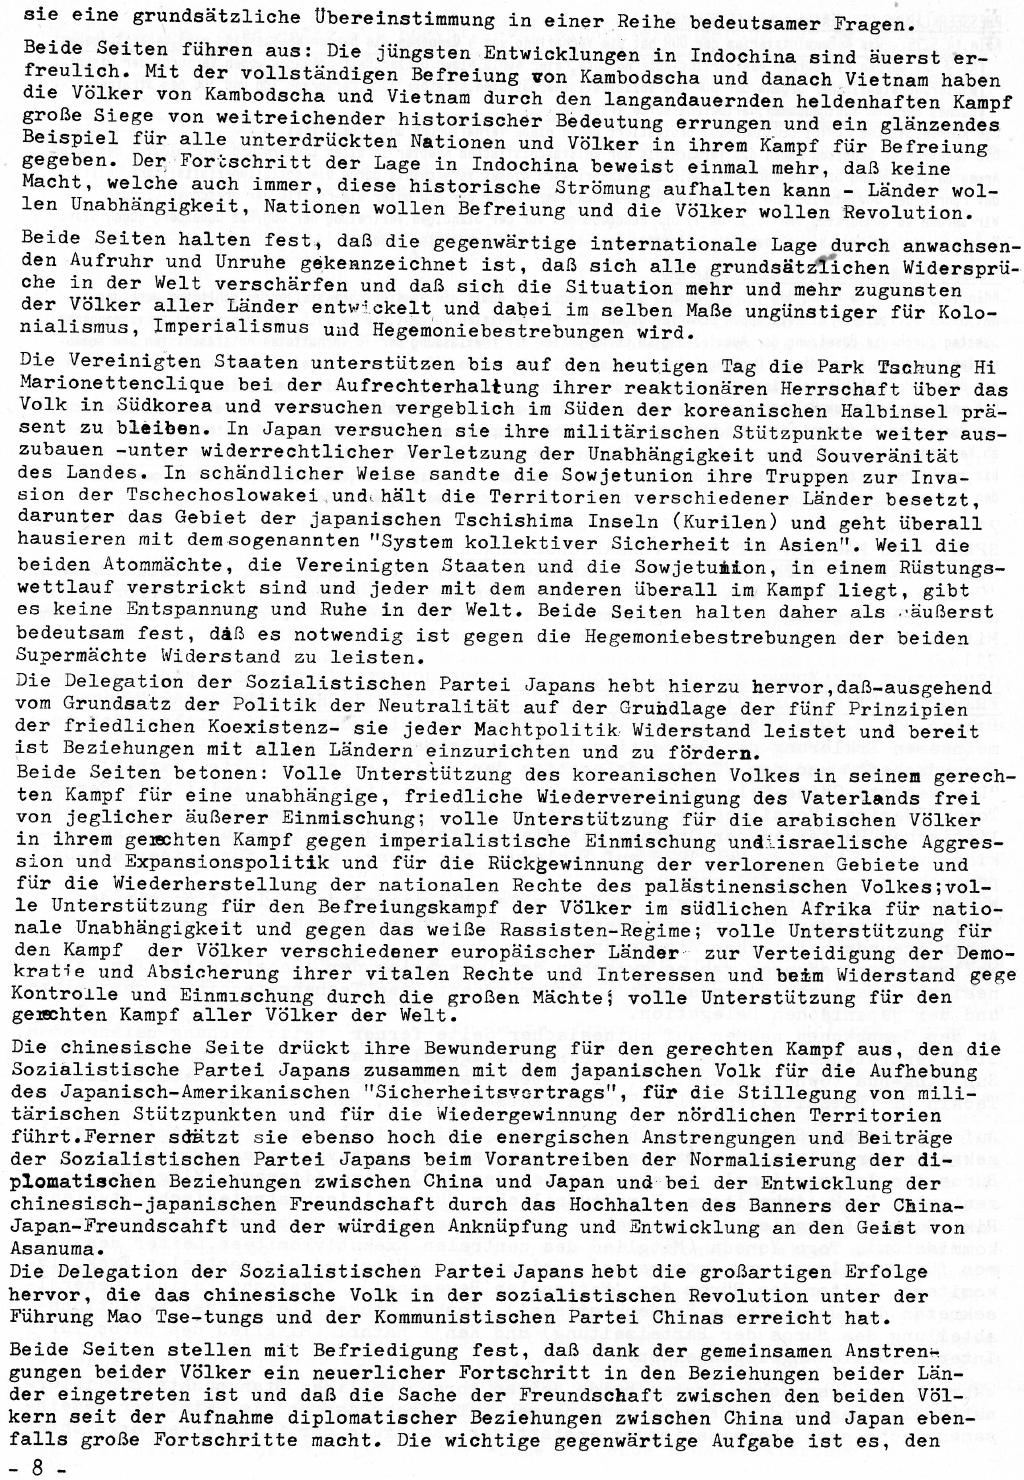 RPK_Pressedienst_1975_26_08